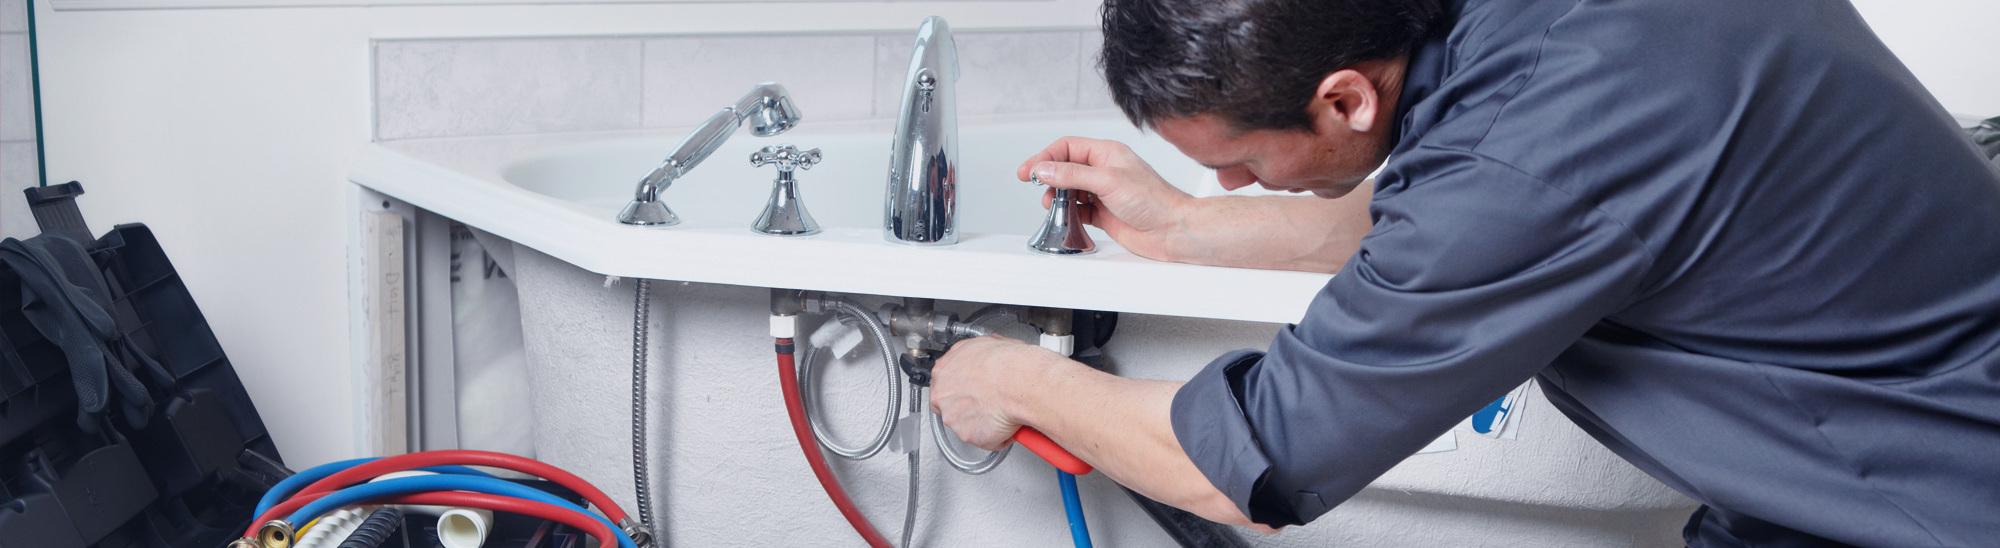 plumbing service mebane nc carolina plumbing water